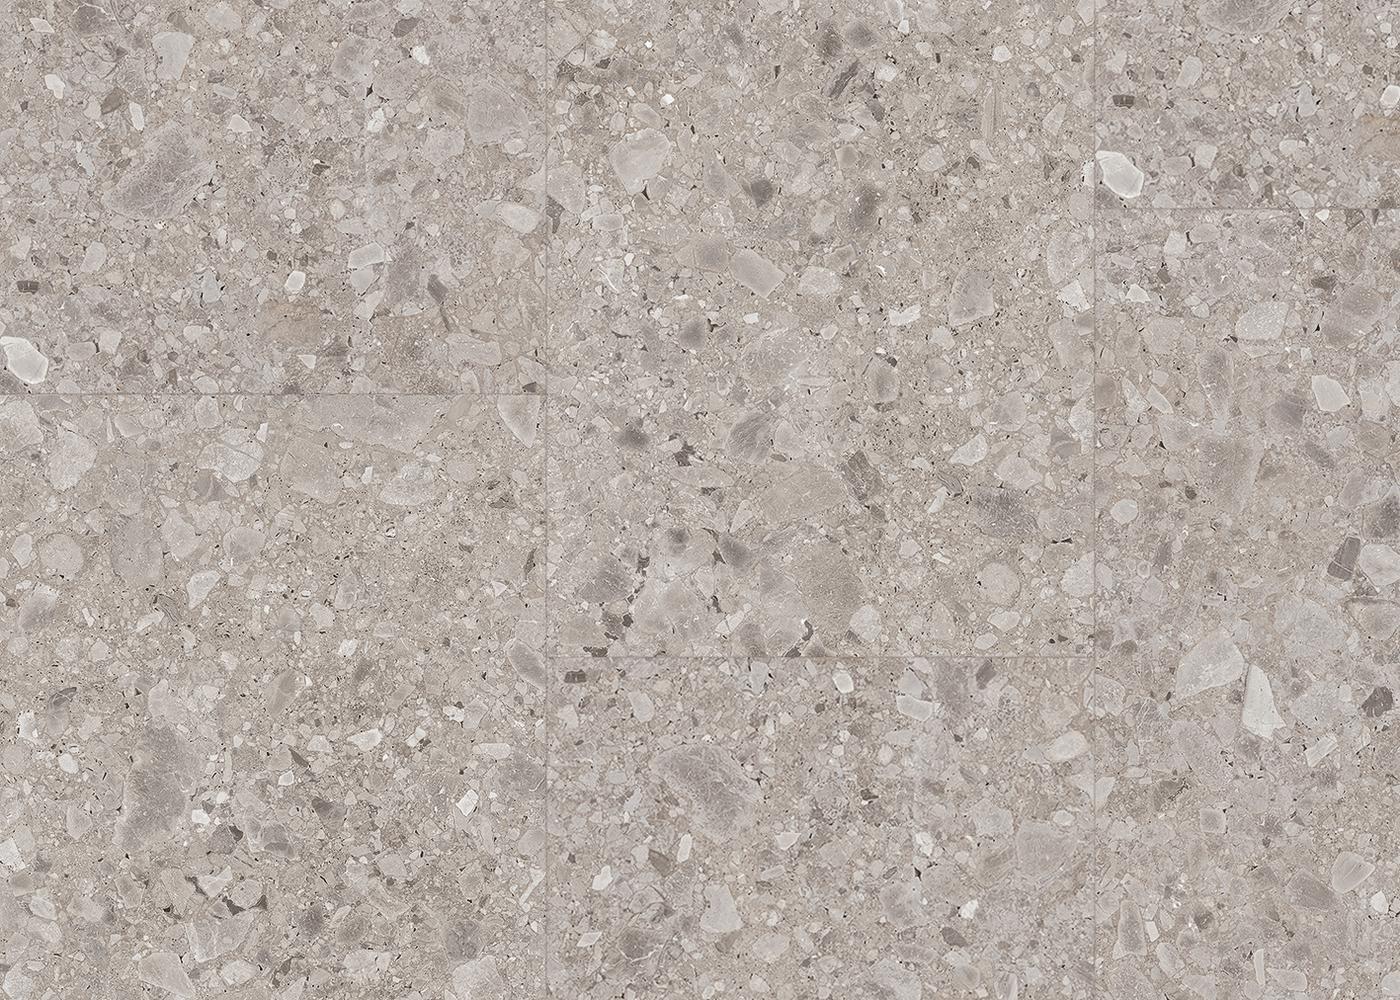 Vinyle rigide Ceppo passage commercial 4.5x600x900